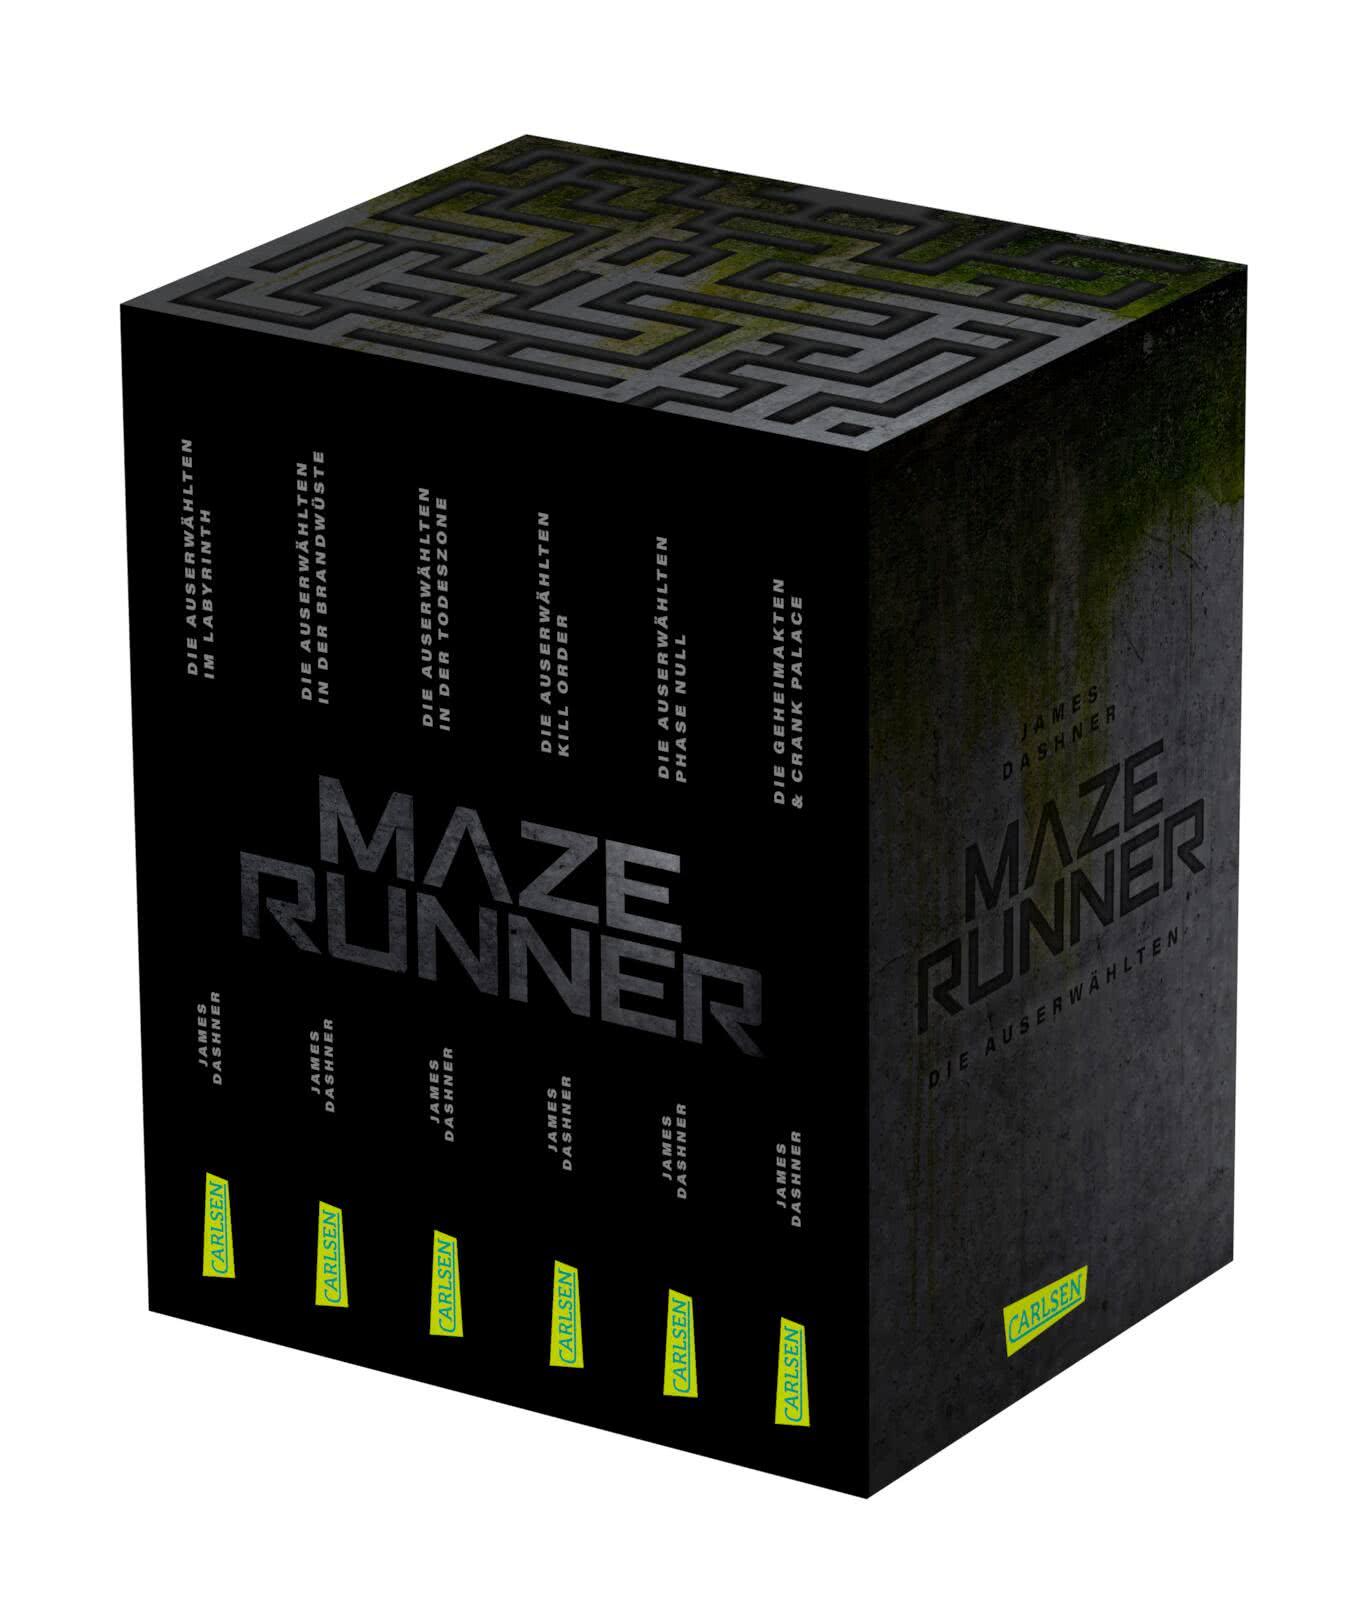 Maze Runner Schuber 20 Bände im Taschenbuch Schuber inklusive ...